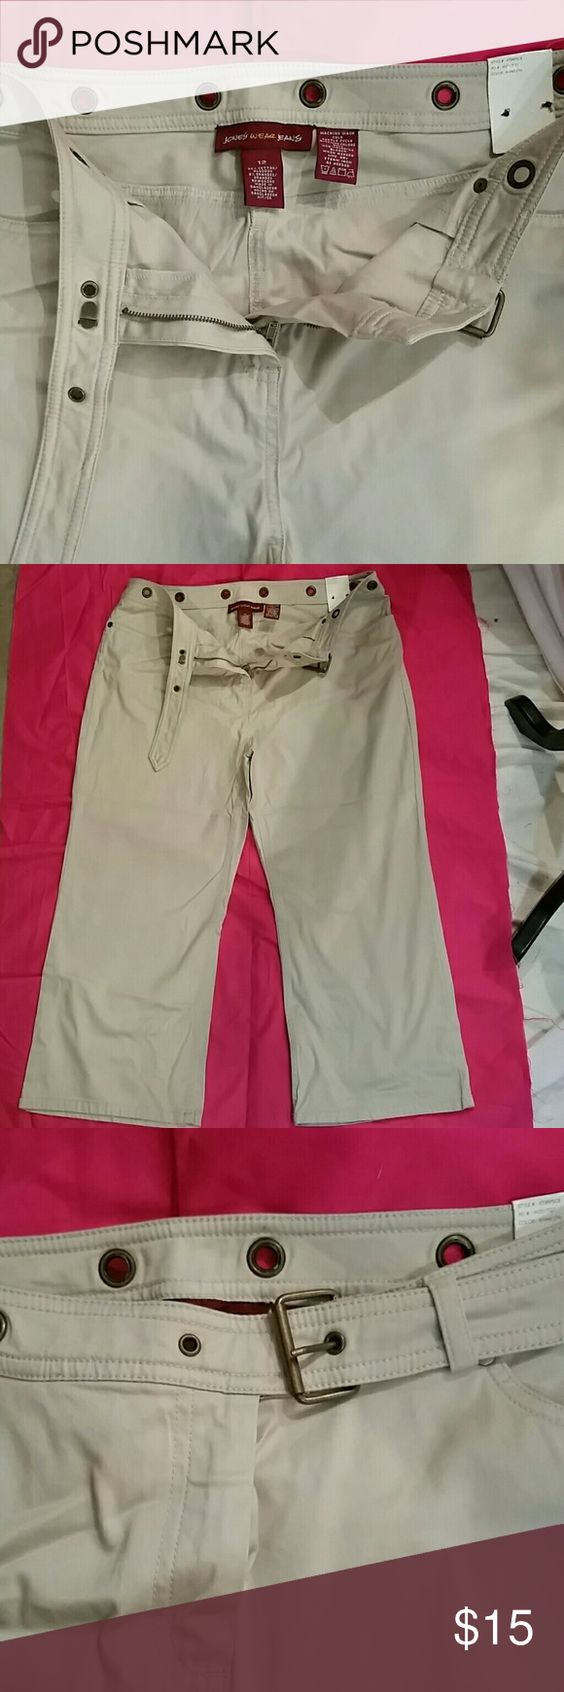 Pants Khaki jeans with zipper and faux belt front  Never worn Jones New York Pants Capris